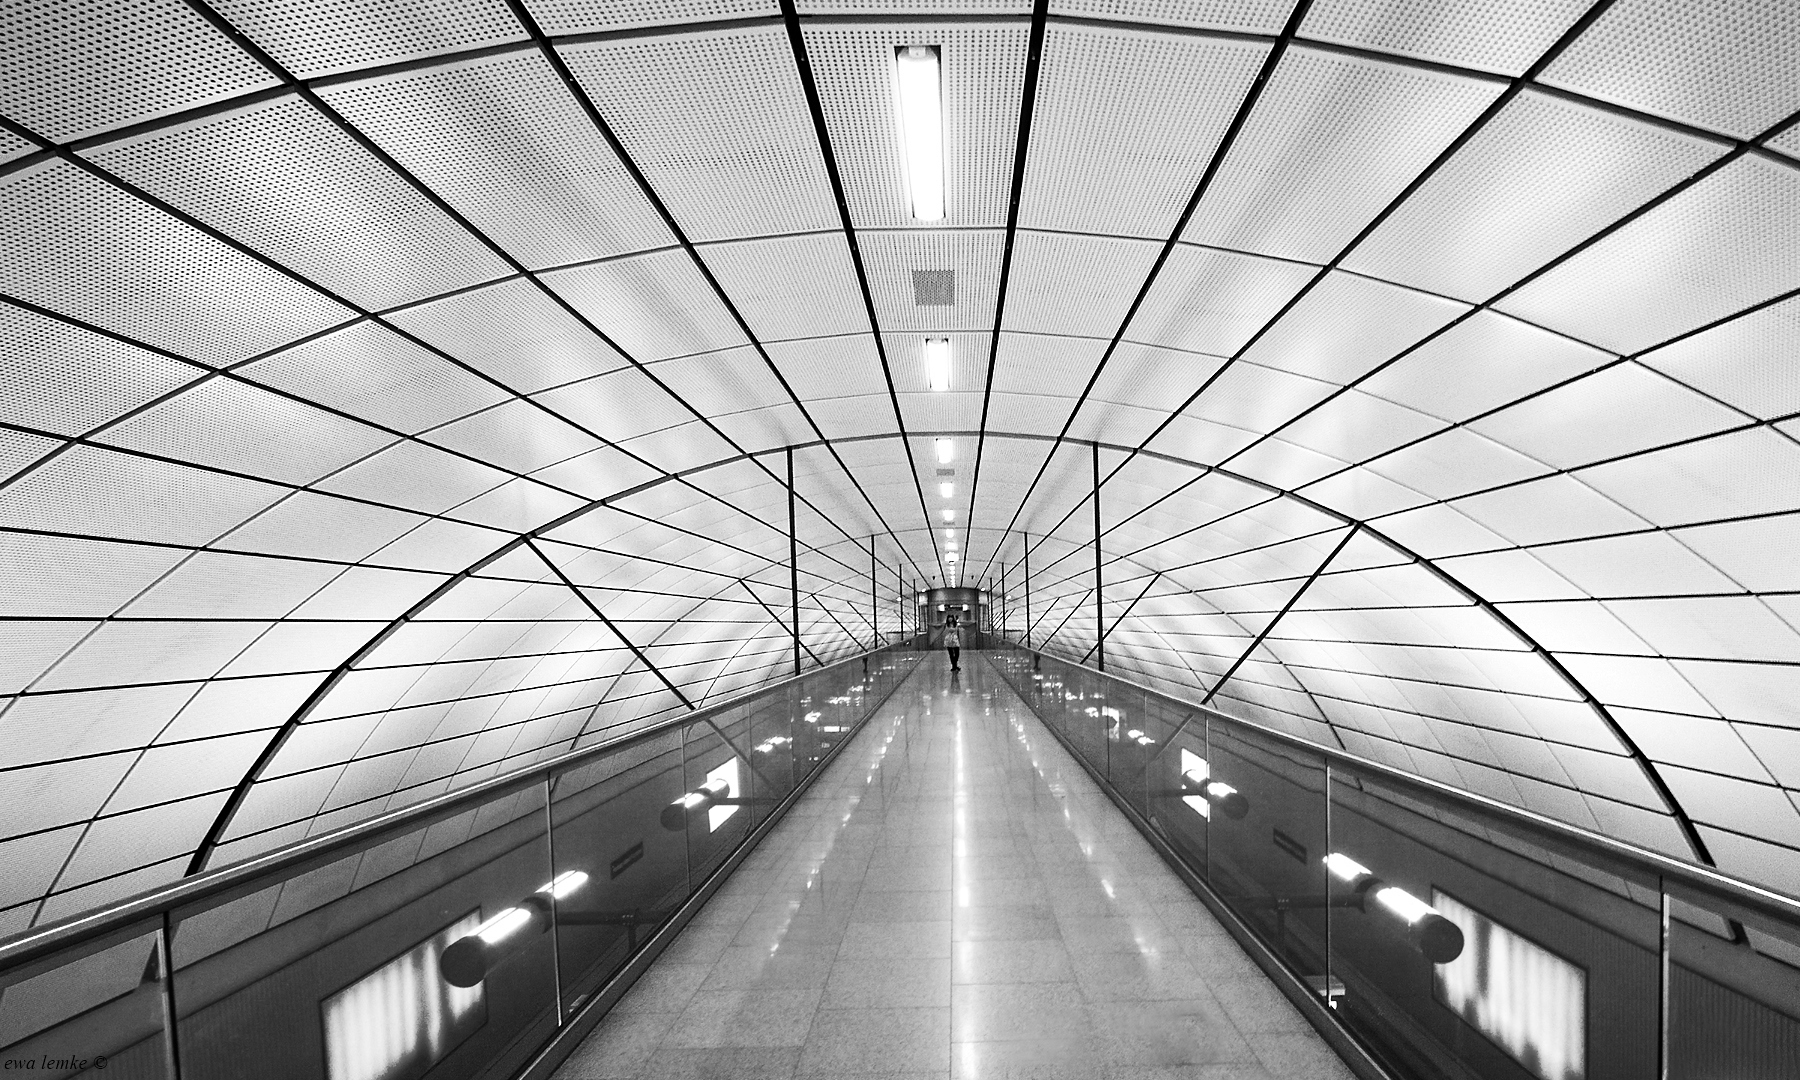 afo_ewa_lotnisko01